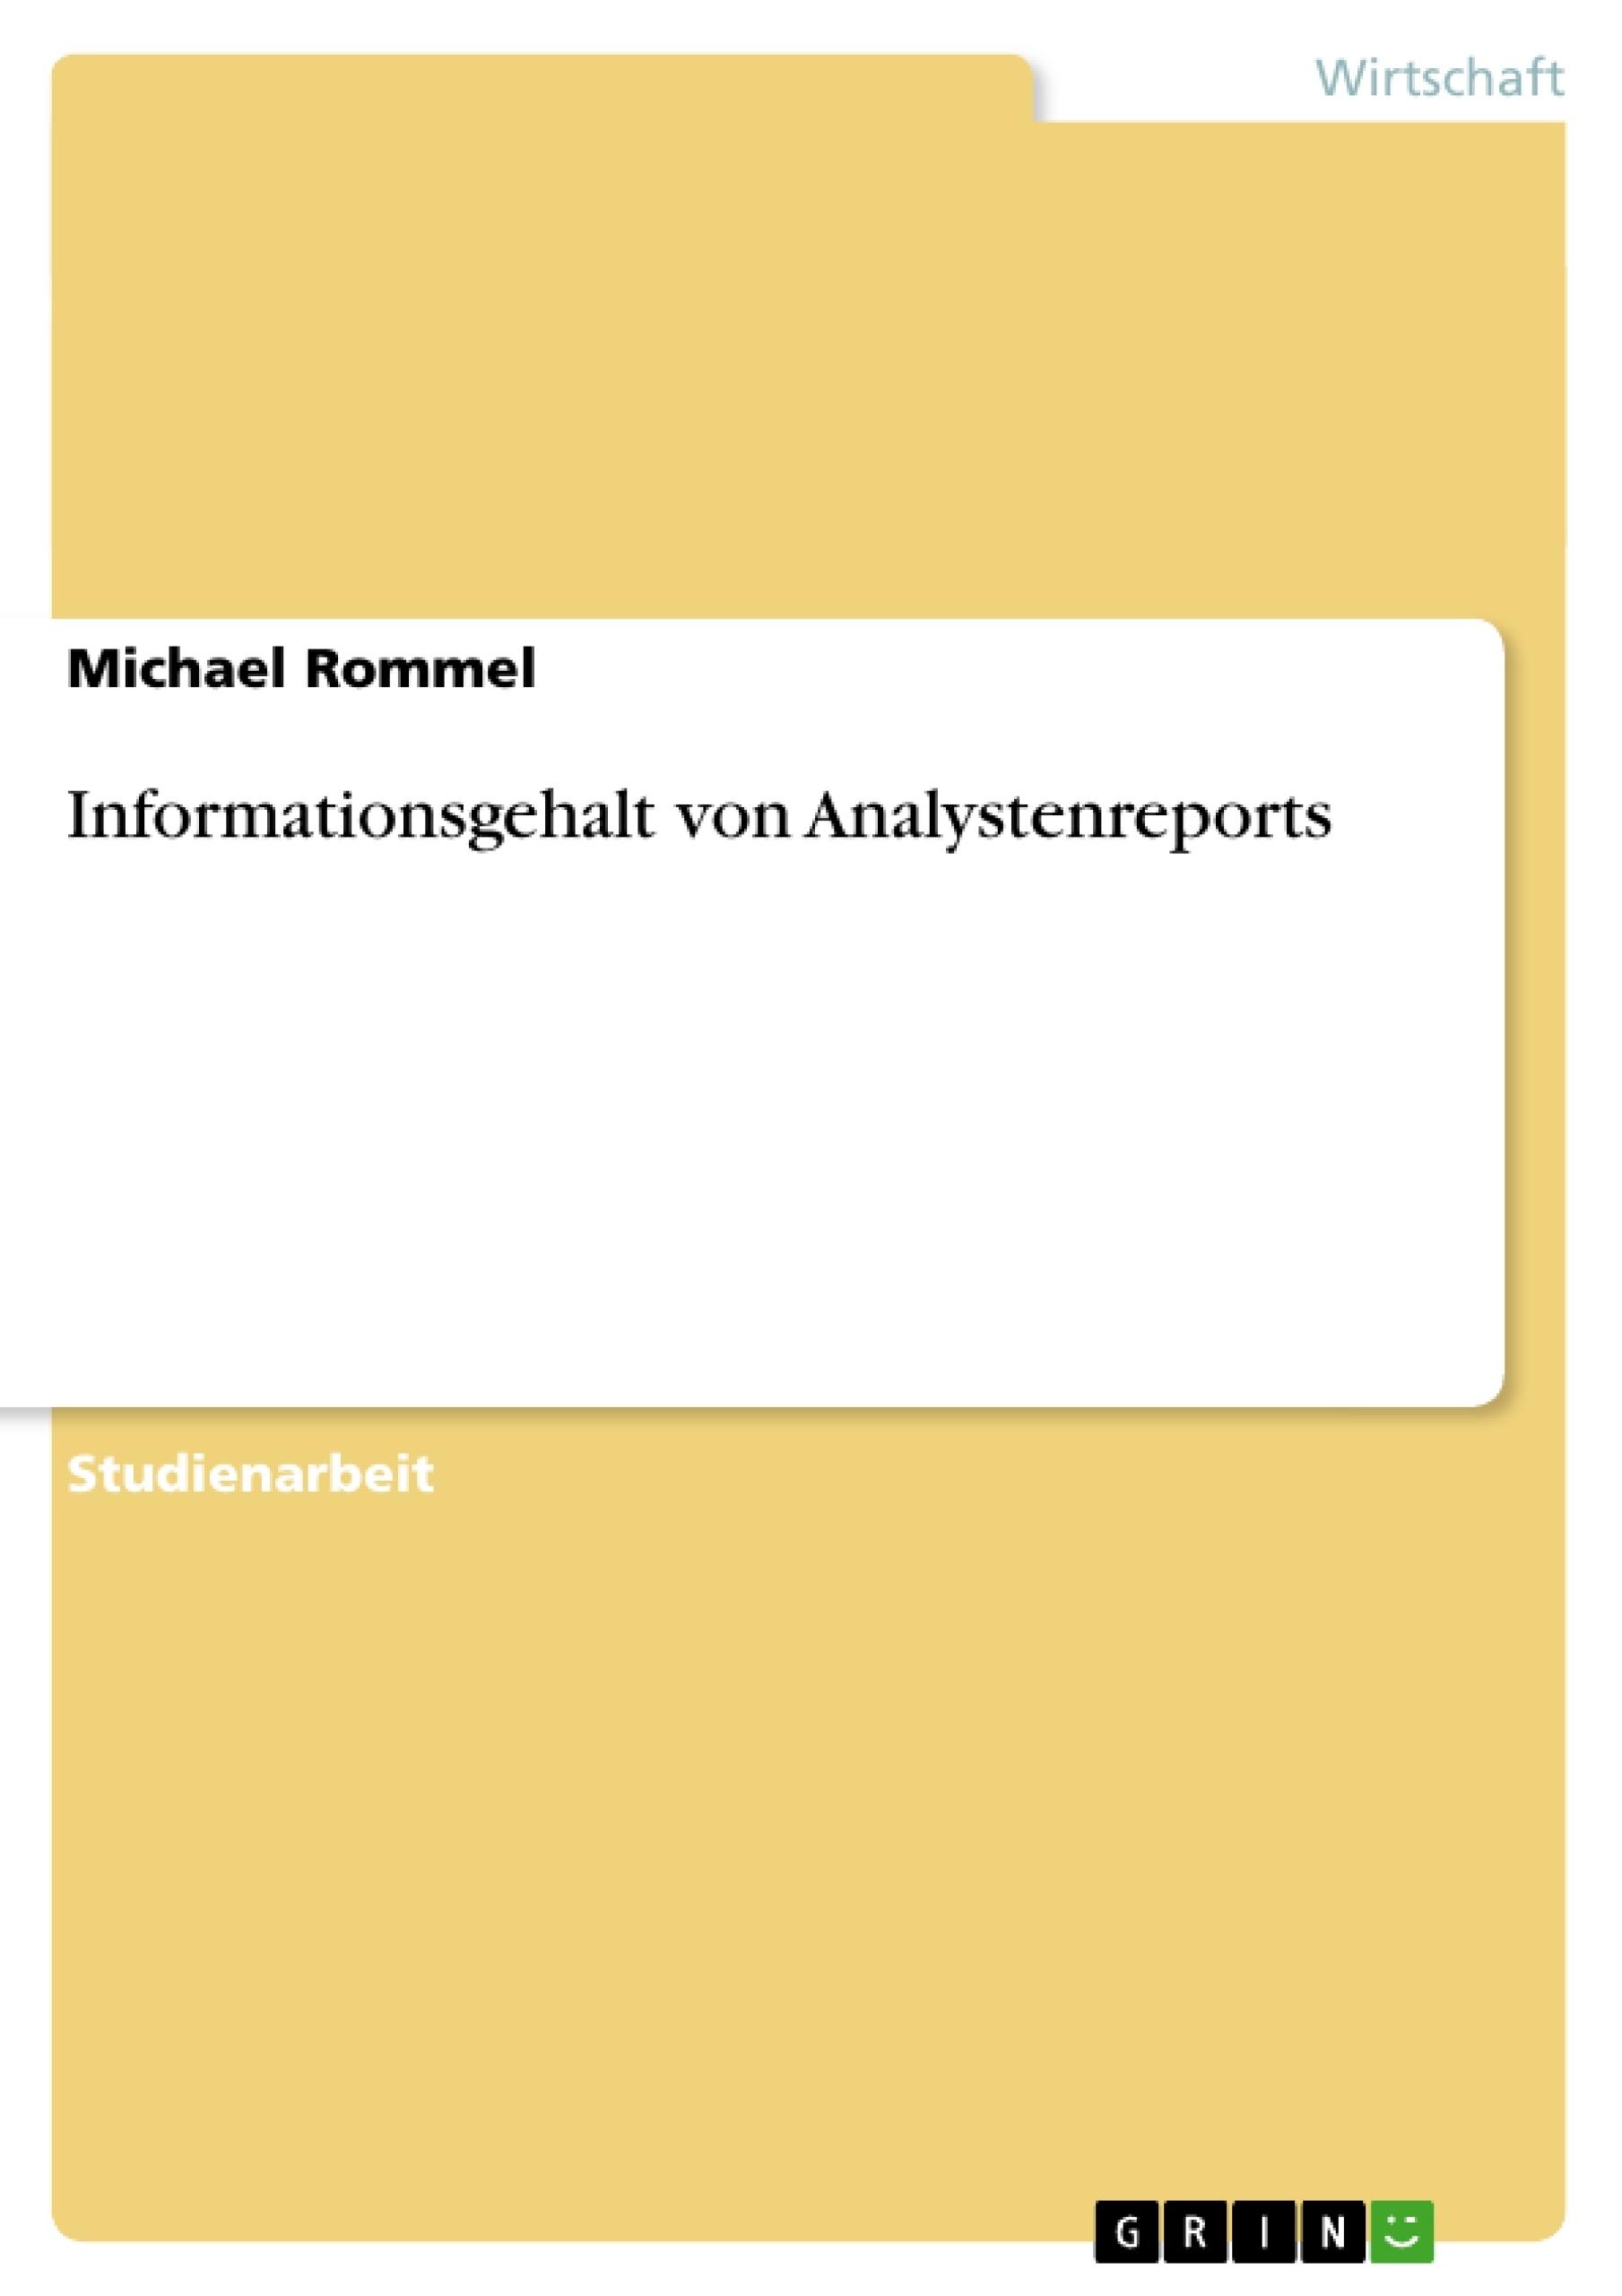 Titel: Informationsgehalt von Analystenreports